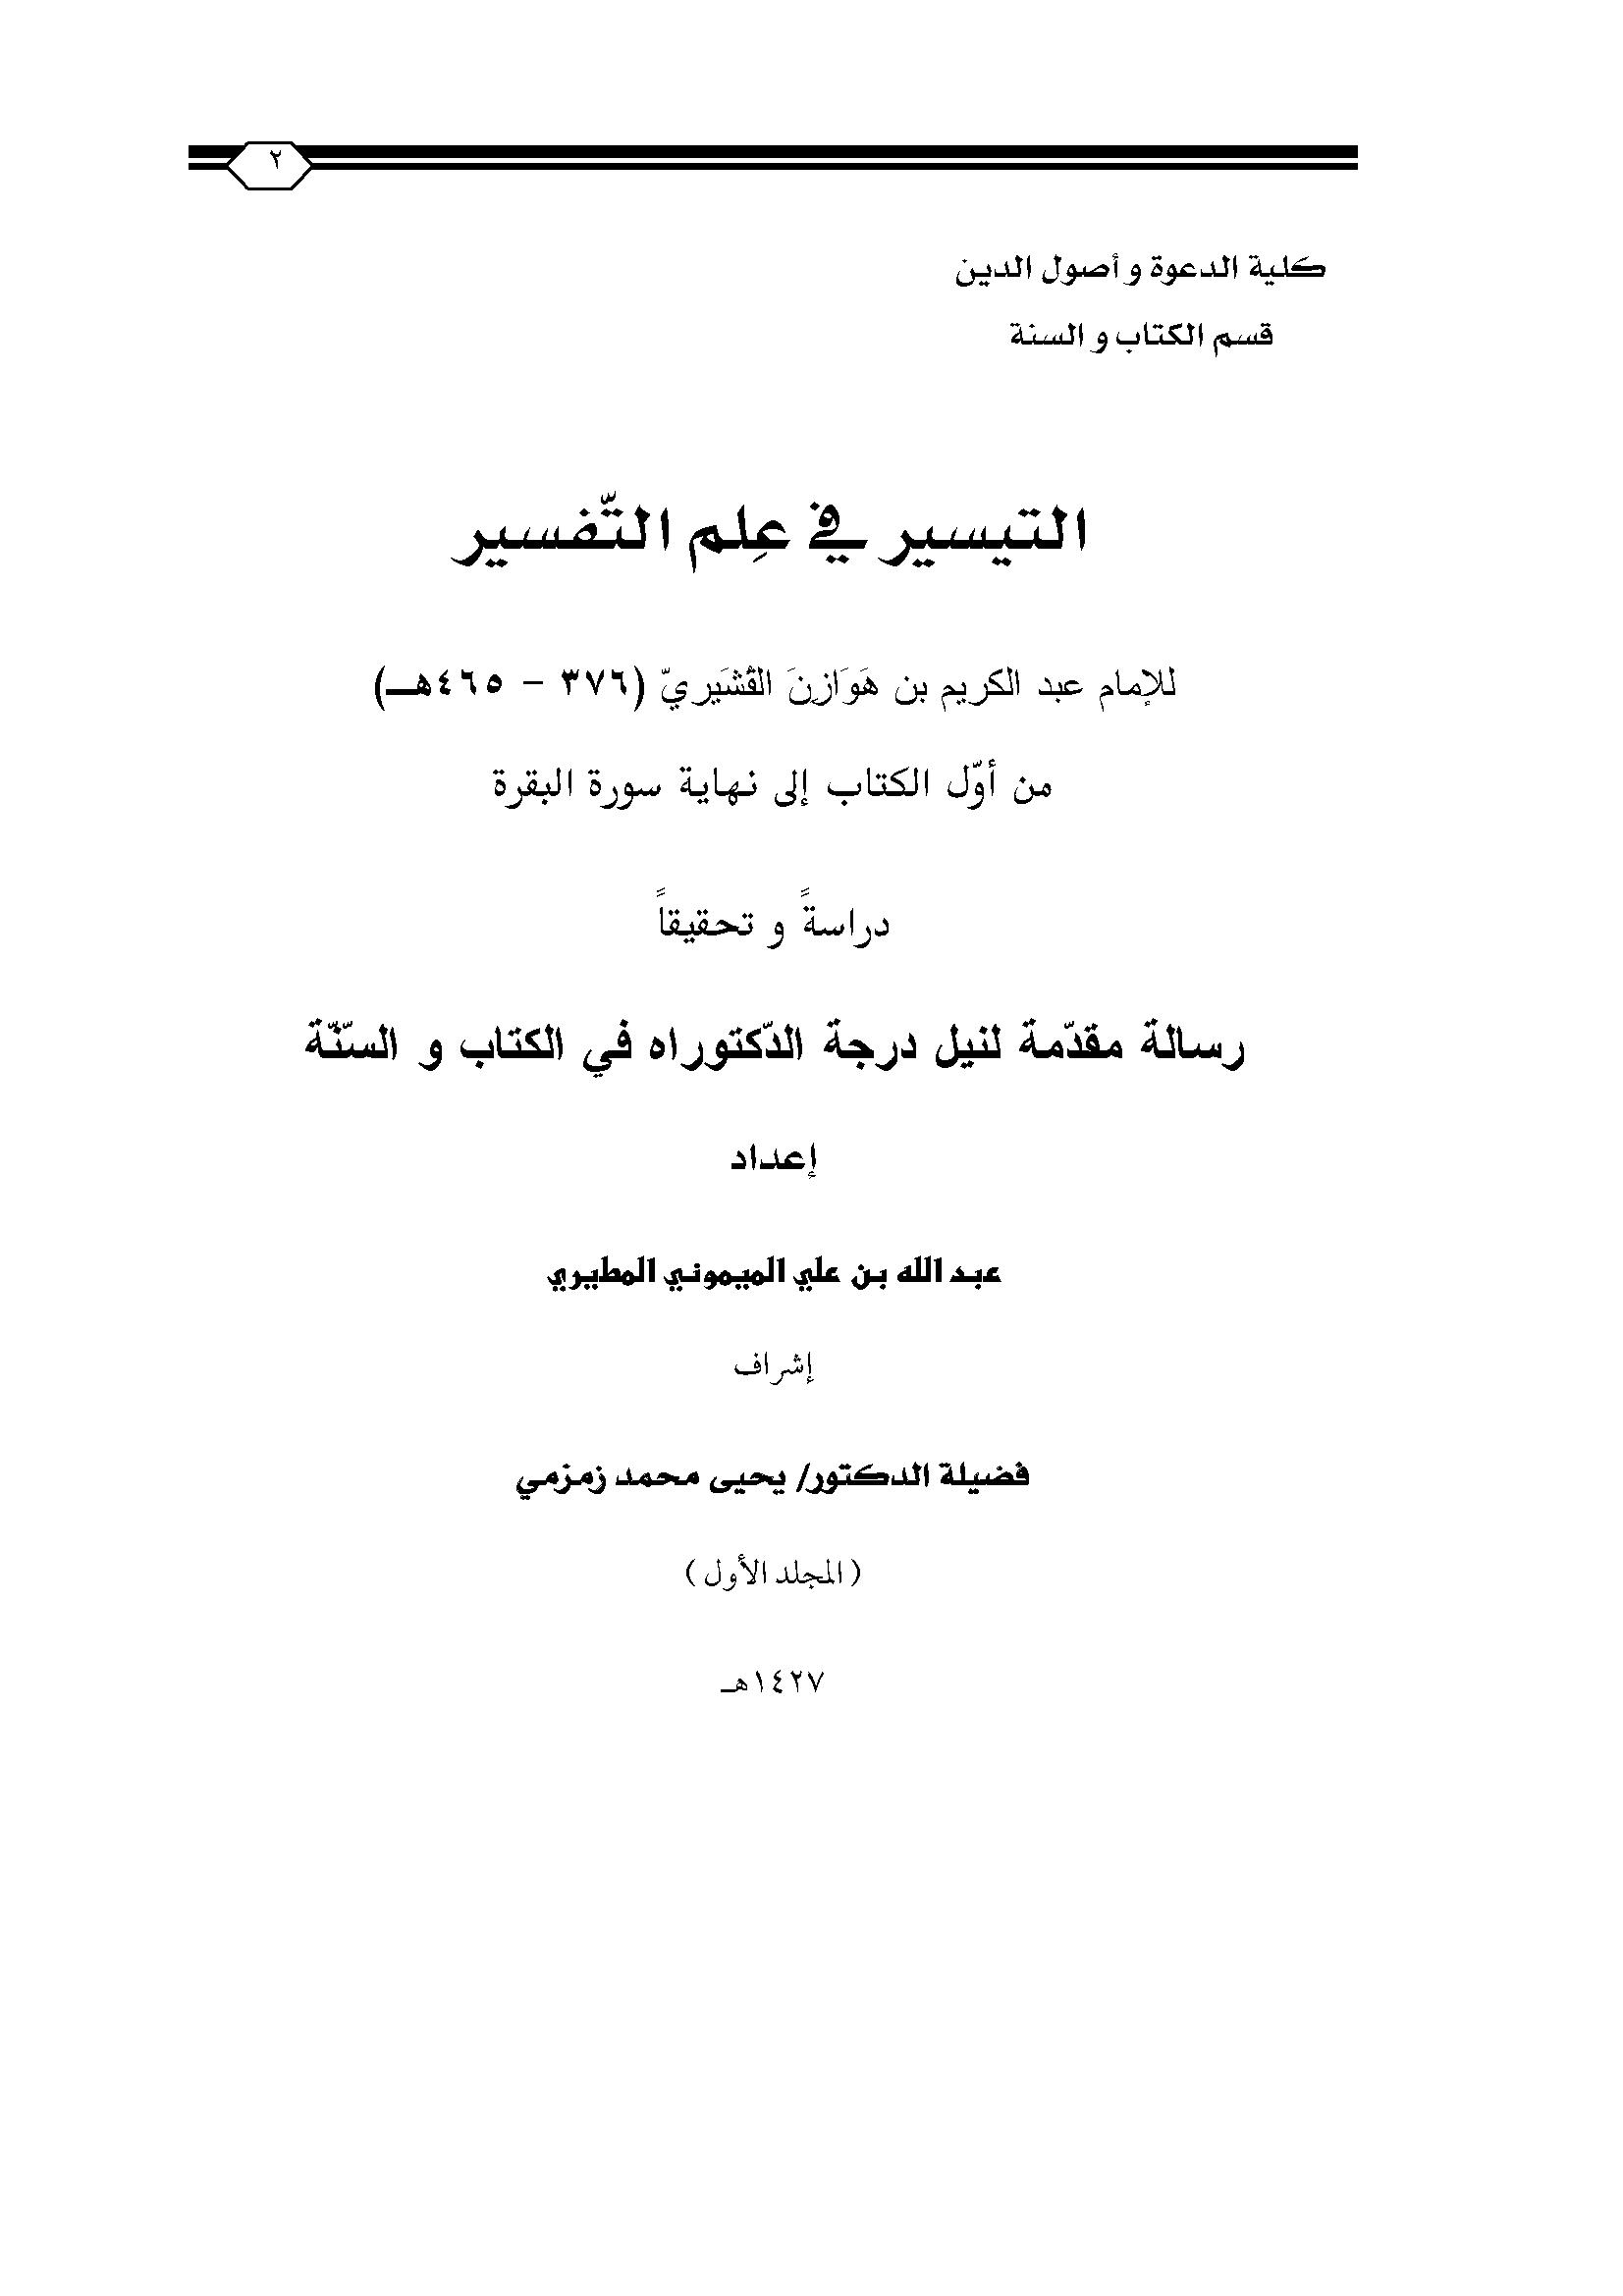 تحميل كتاب التيسير في علم التفسير لـِ: الإمام أبو القاسم عبد الكريم بن هوازن بن عبد الملك بن طلحة القشيري (ت 465)